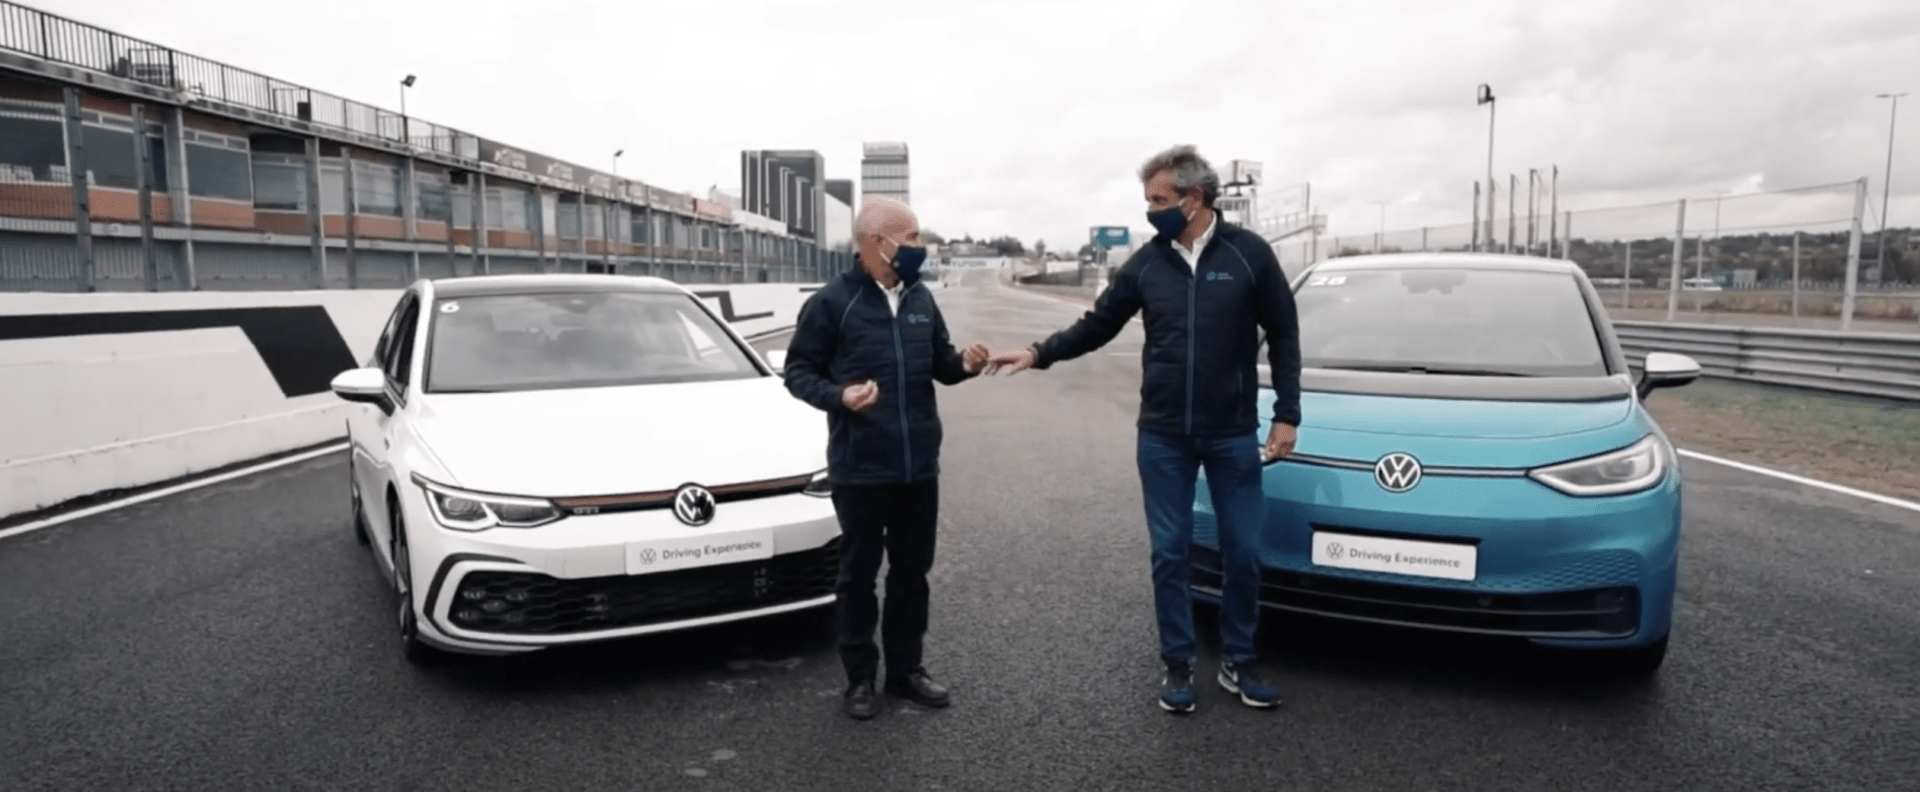 Vidéo : Volkswagen confronte son ID.3 à la Golf 8 GTI